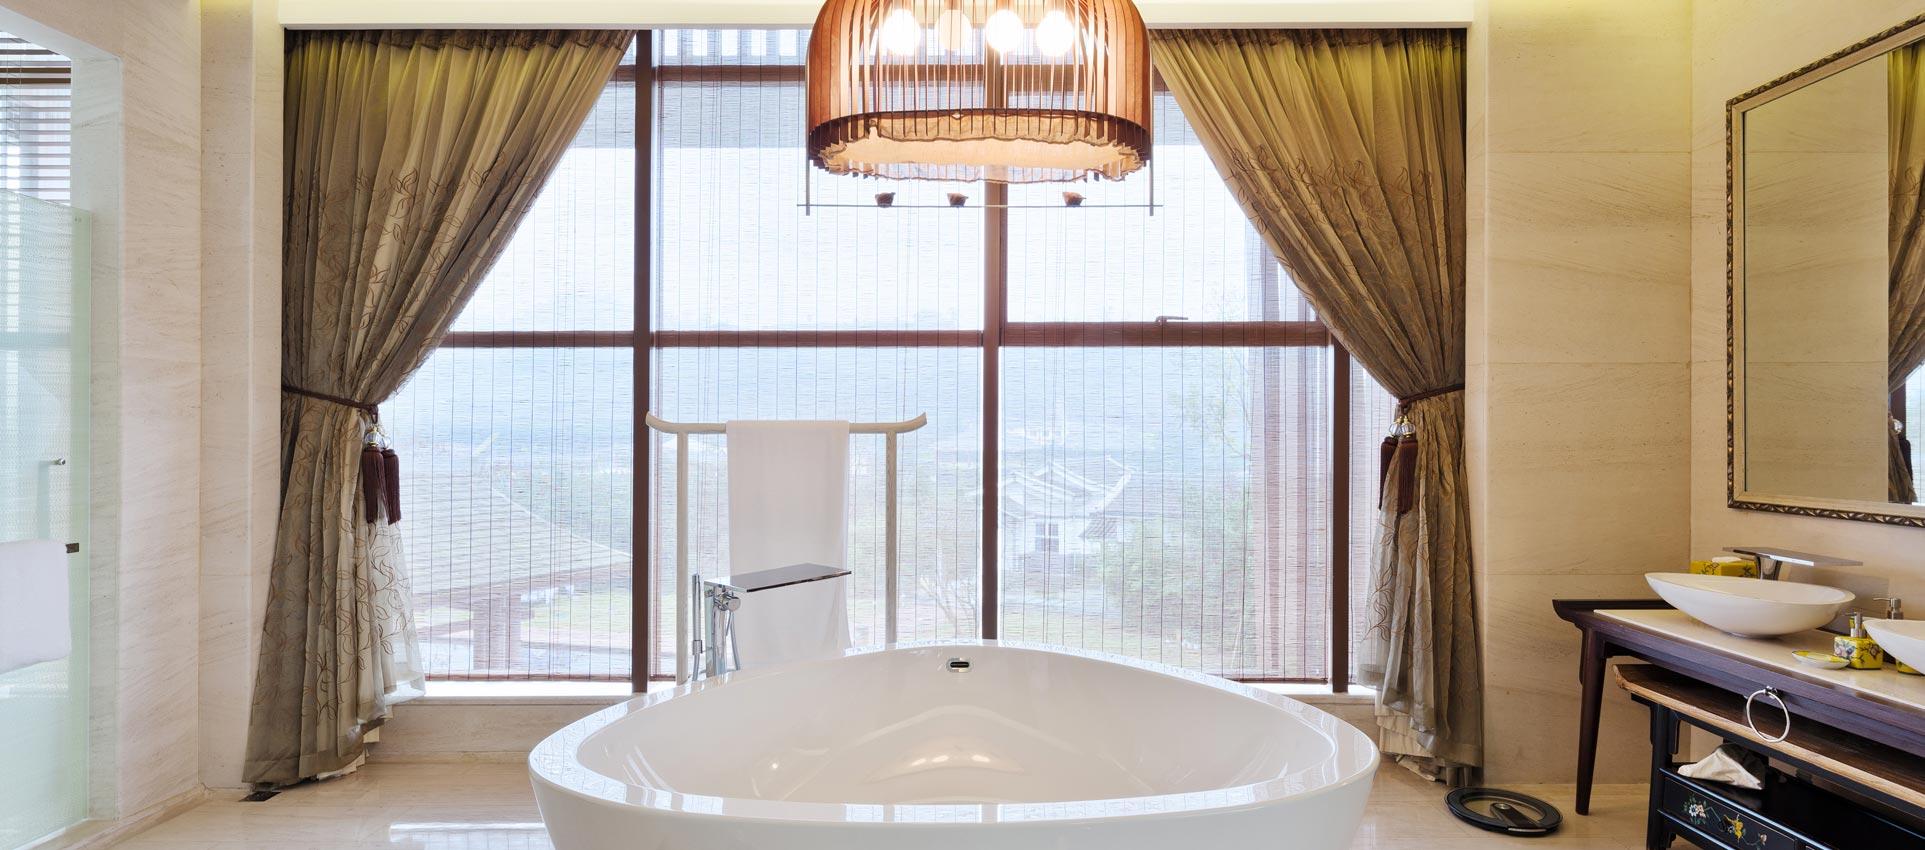 Full Size of Küche Vorhänge Modern Badezimmer Gardinen Nach Ma Kaufen Fensterdeko Frs Bad Günstig Mit Elektrogeräten Wasserhahn Möbelgriffe Deko Für Wohnzimmer Wohnzimmer Küche Vorhänge Modern